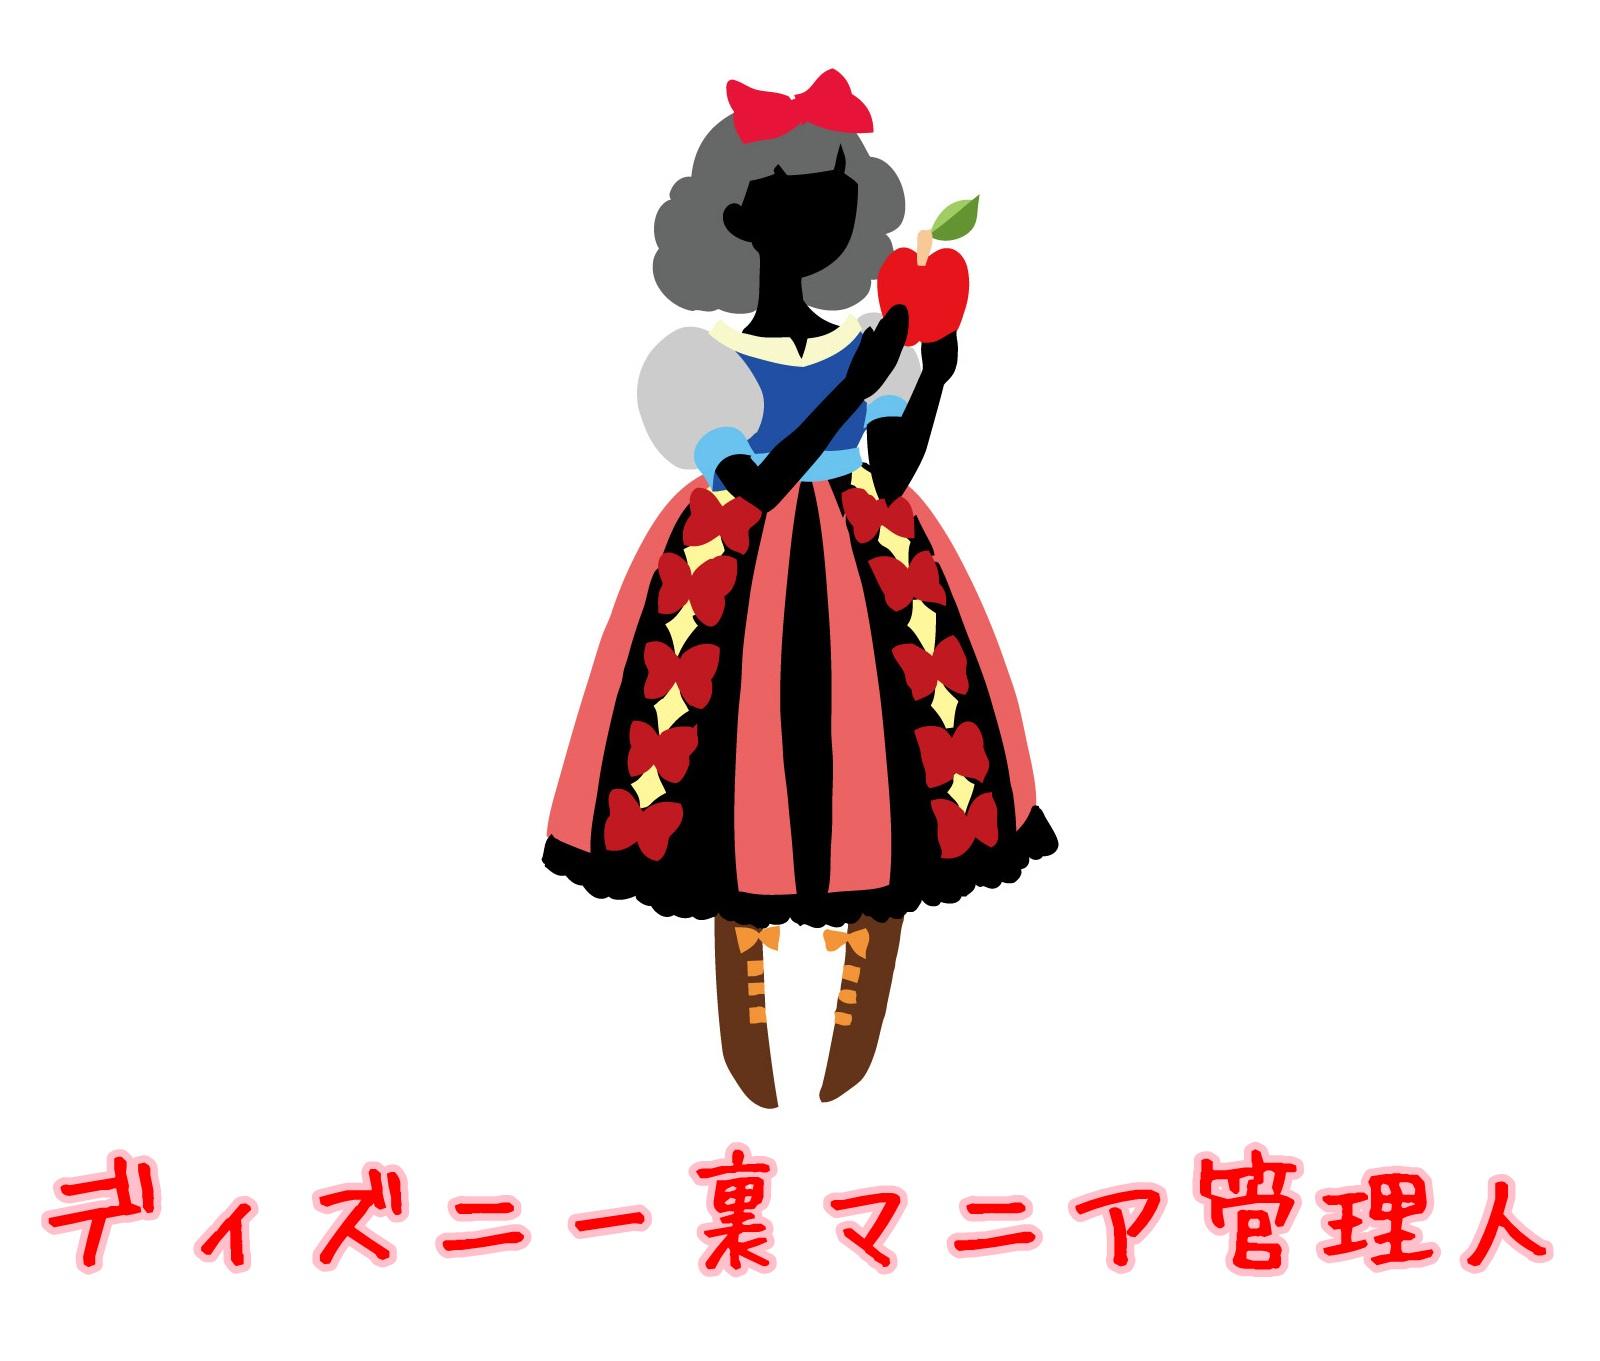 東京ディズニーランドとディズニシーの違いとおすすめポイントまとめ